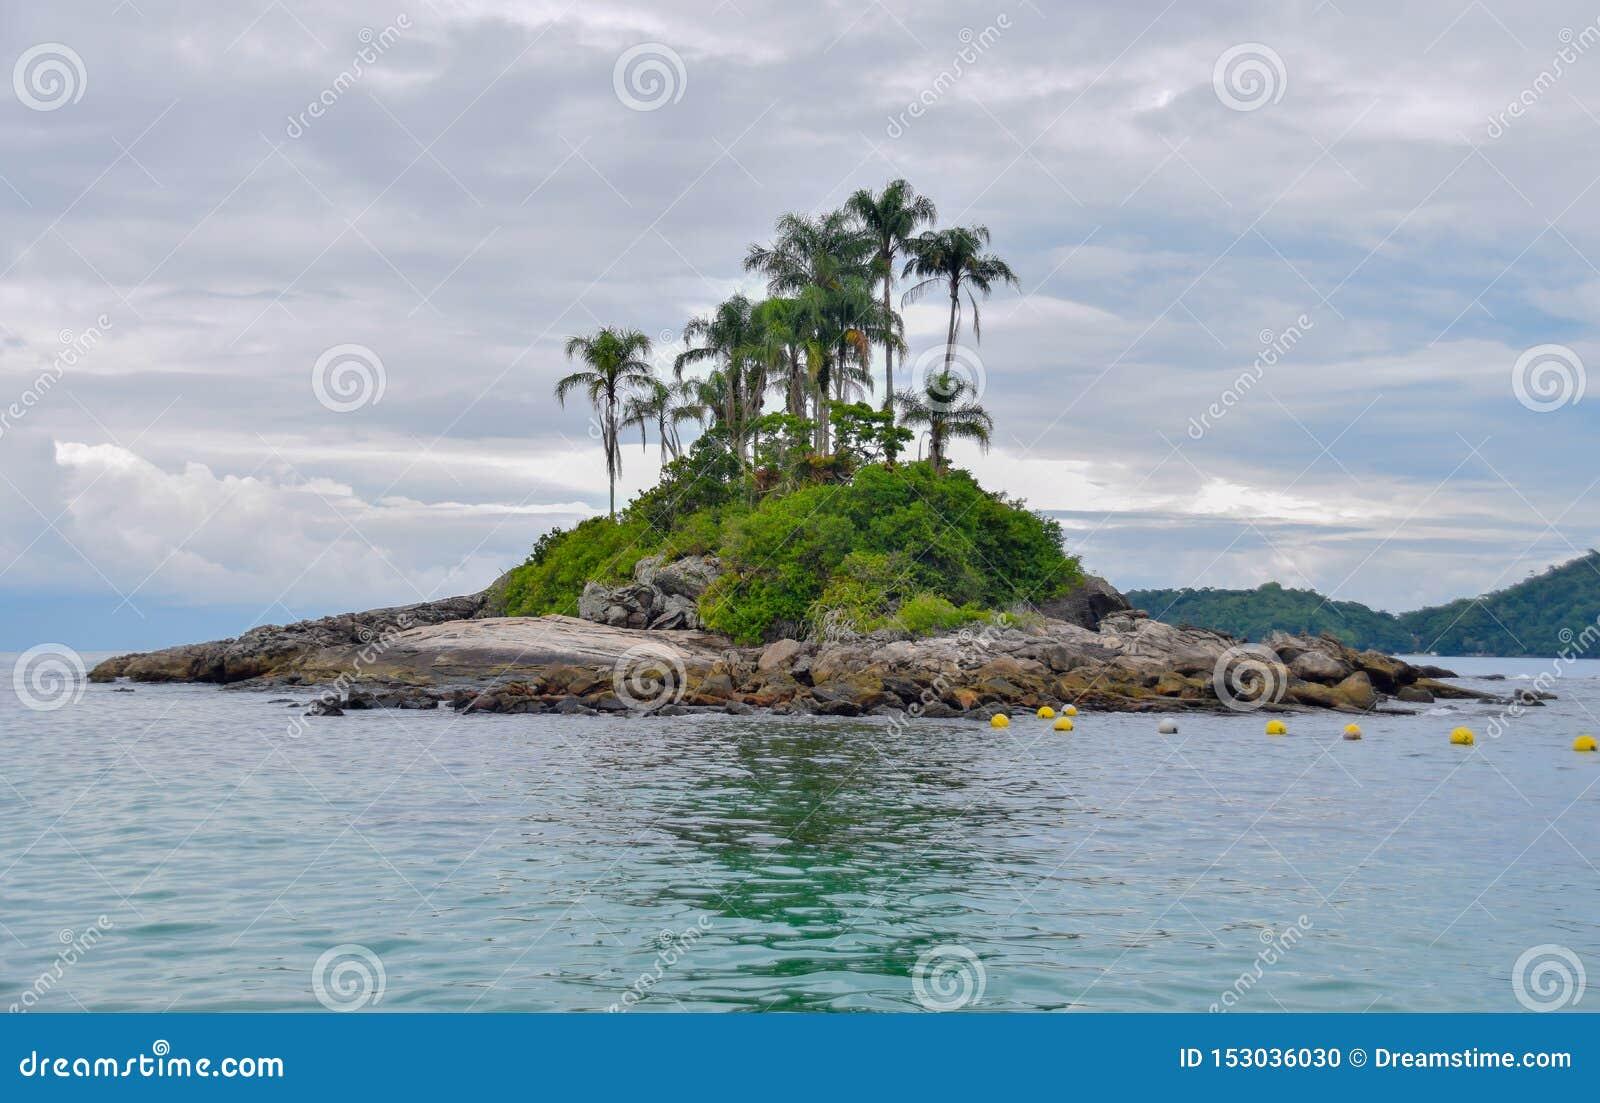 Osamotniona tropikalna wyspa w oceanie z skałami i palmami